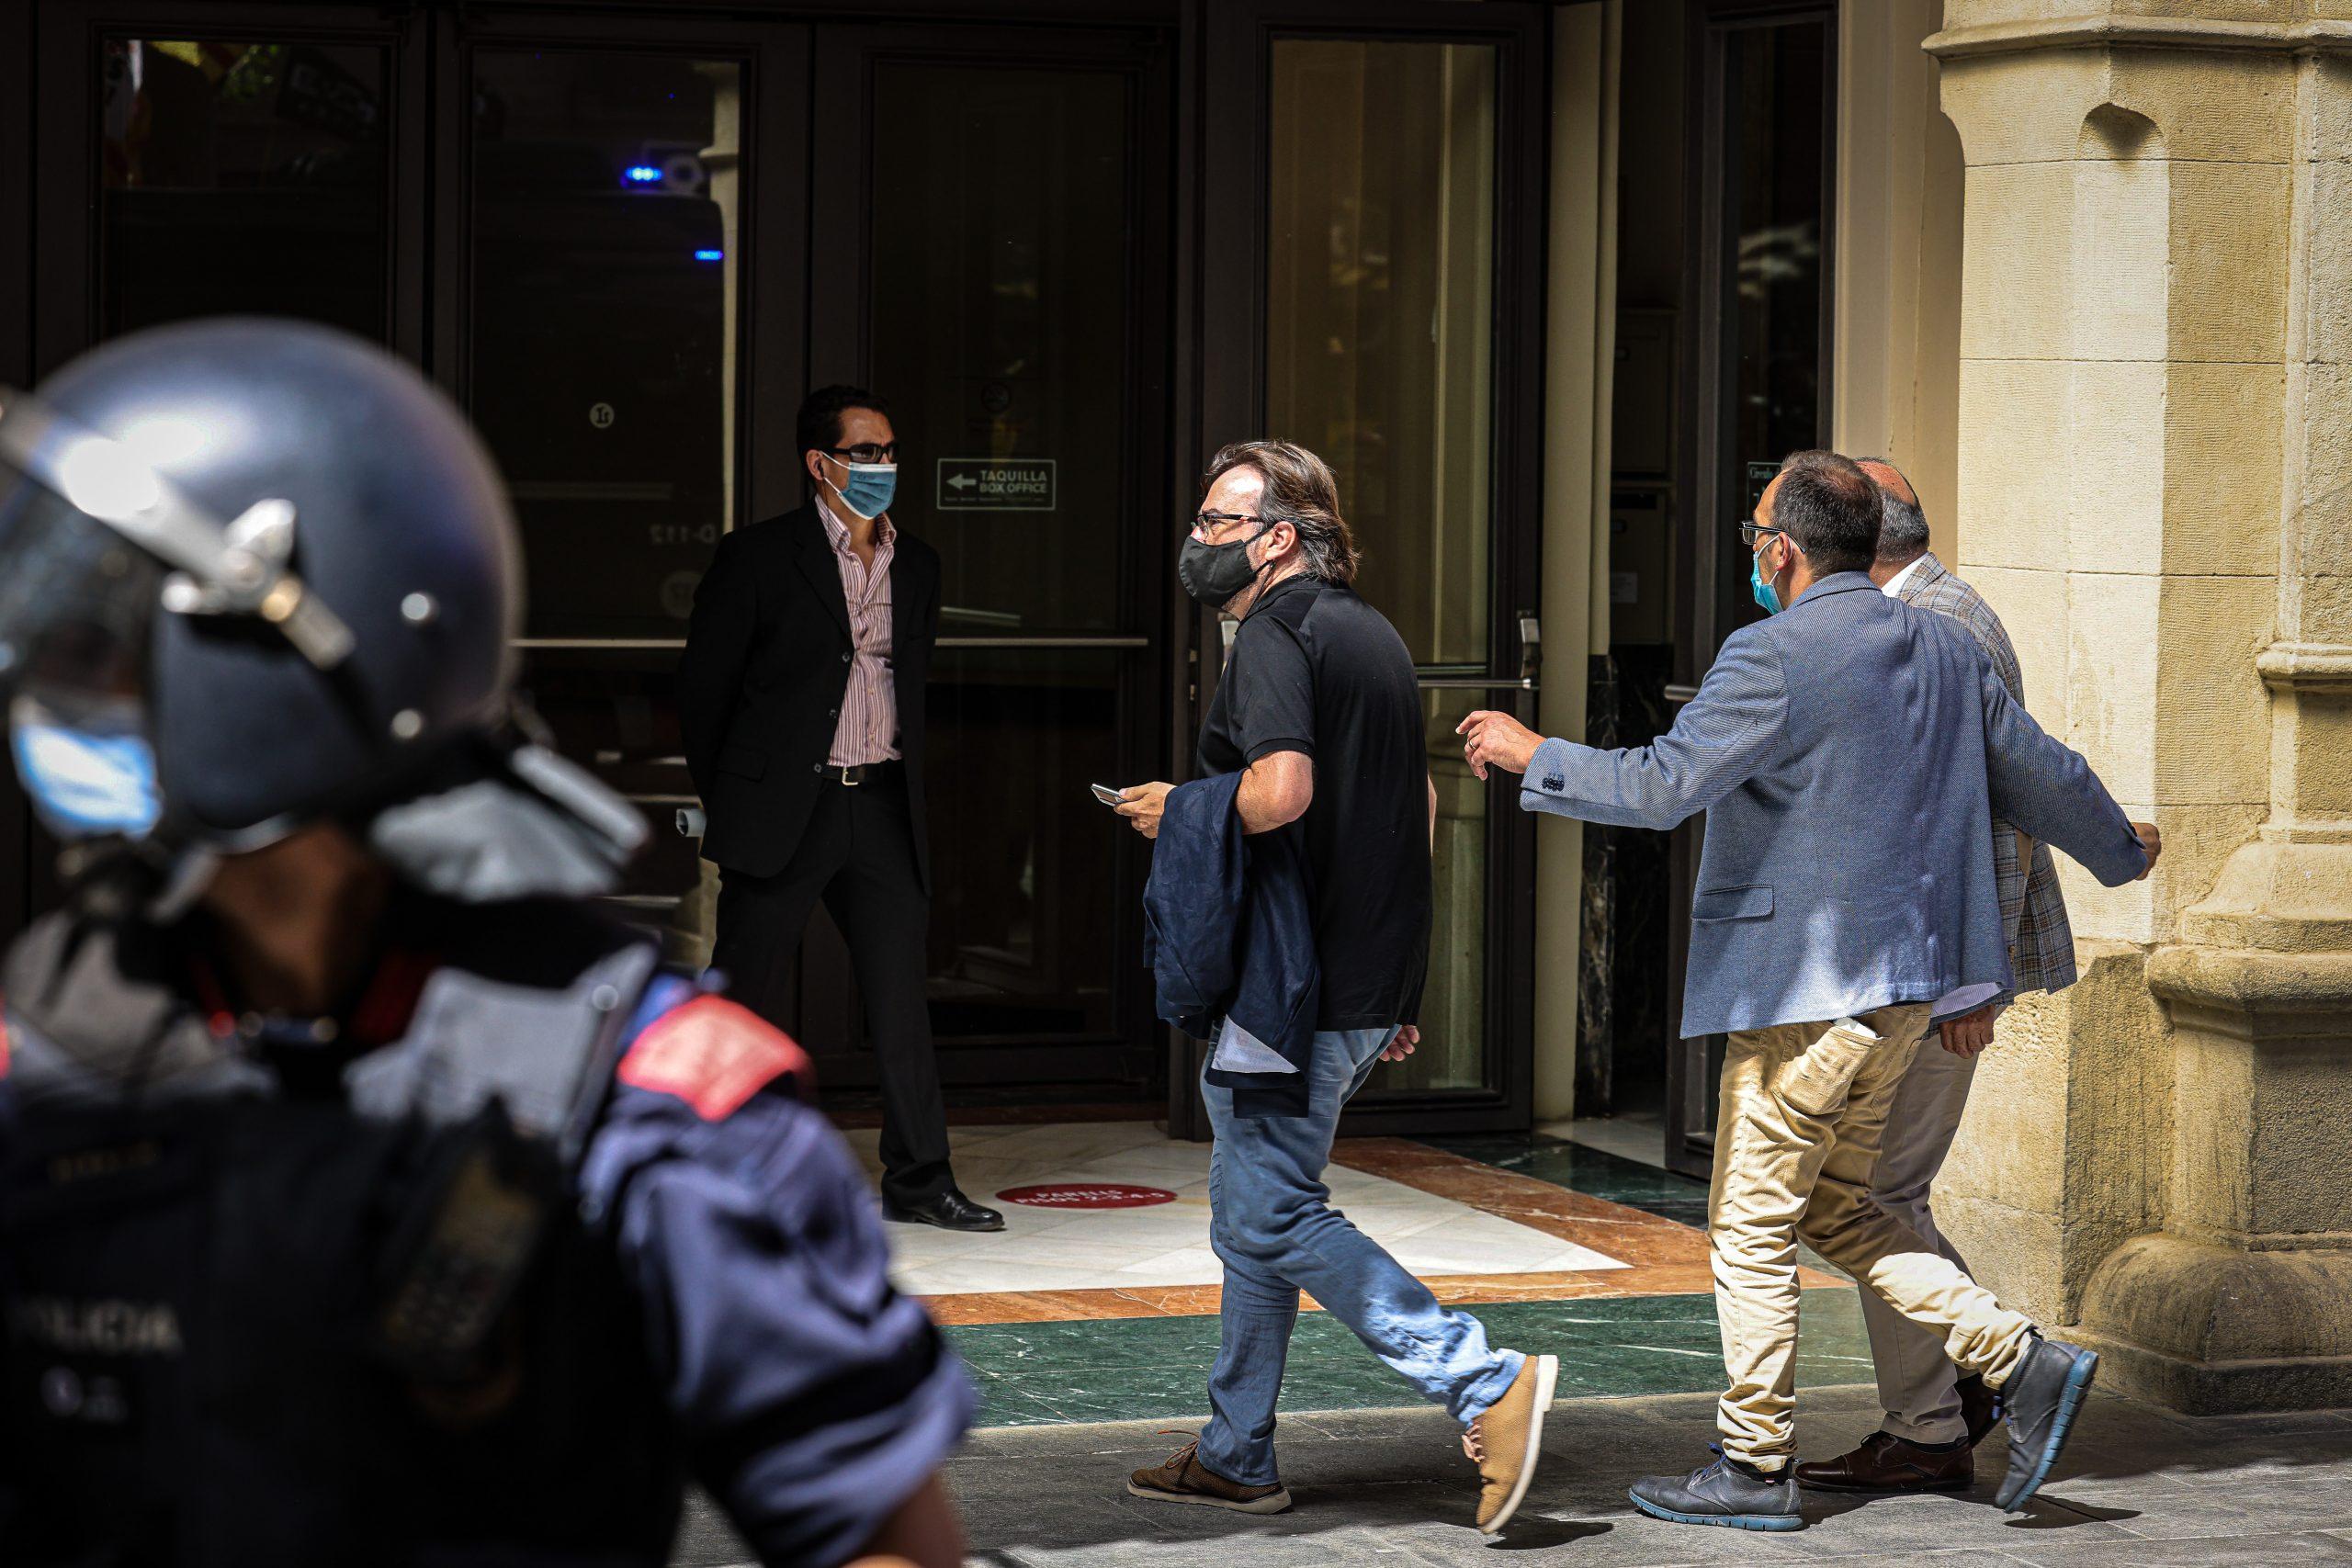 Camil Ros, secretari general de la UGT a Catalunya, arribant al Liceu per al discurs de Pedro Sánchez / Jordi Borràs